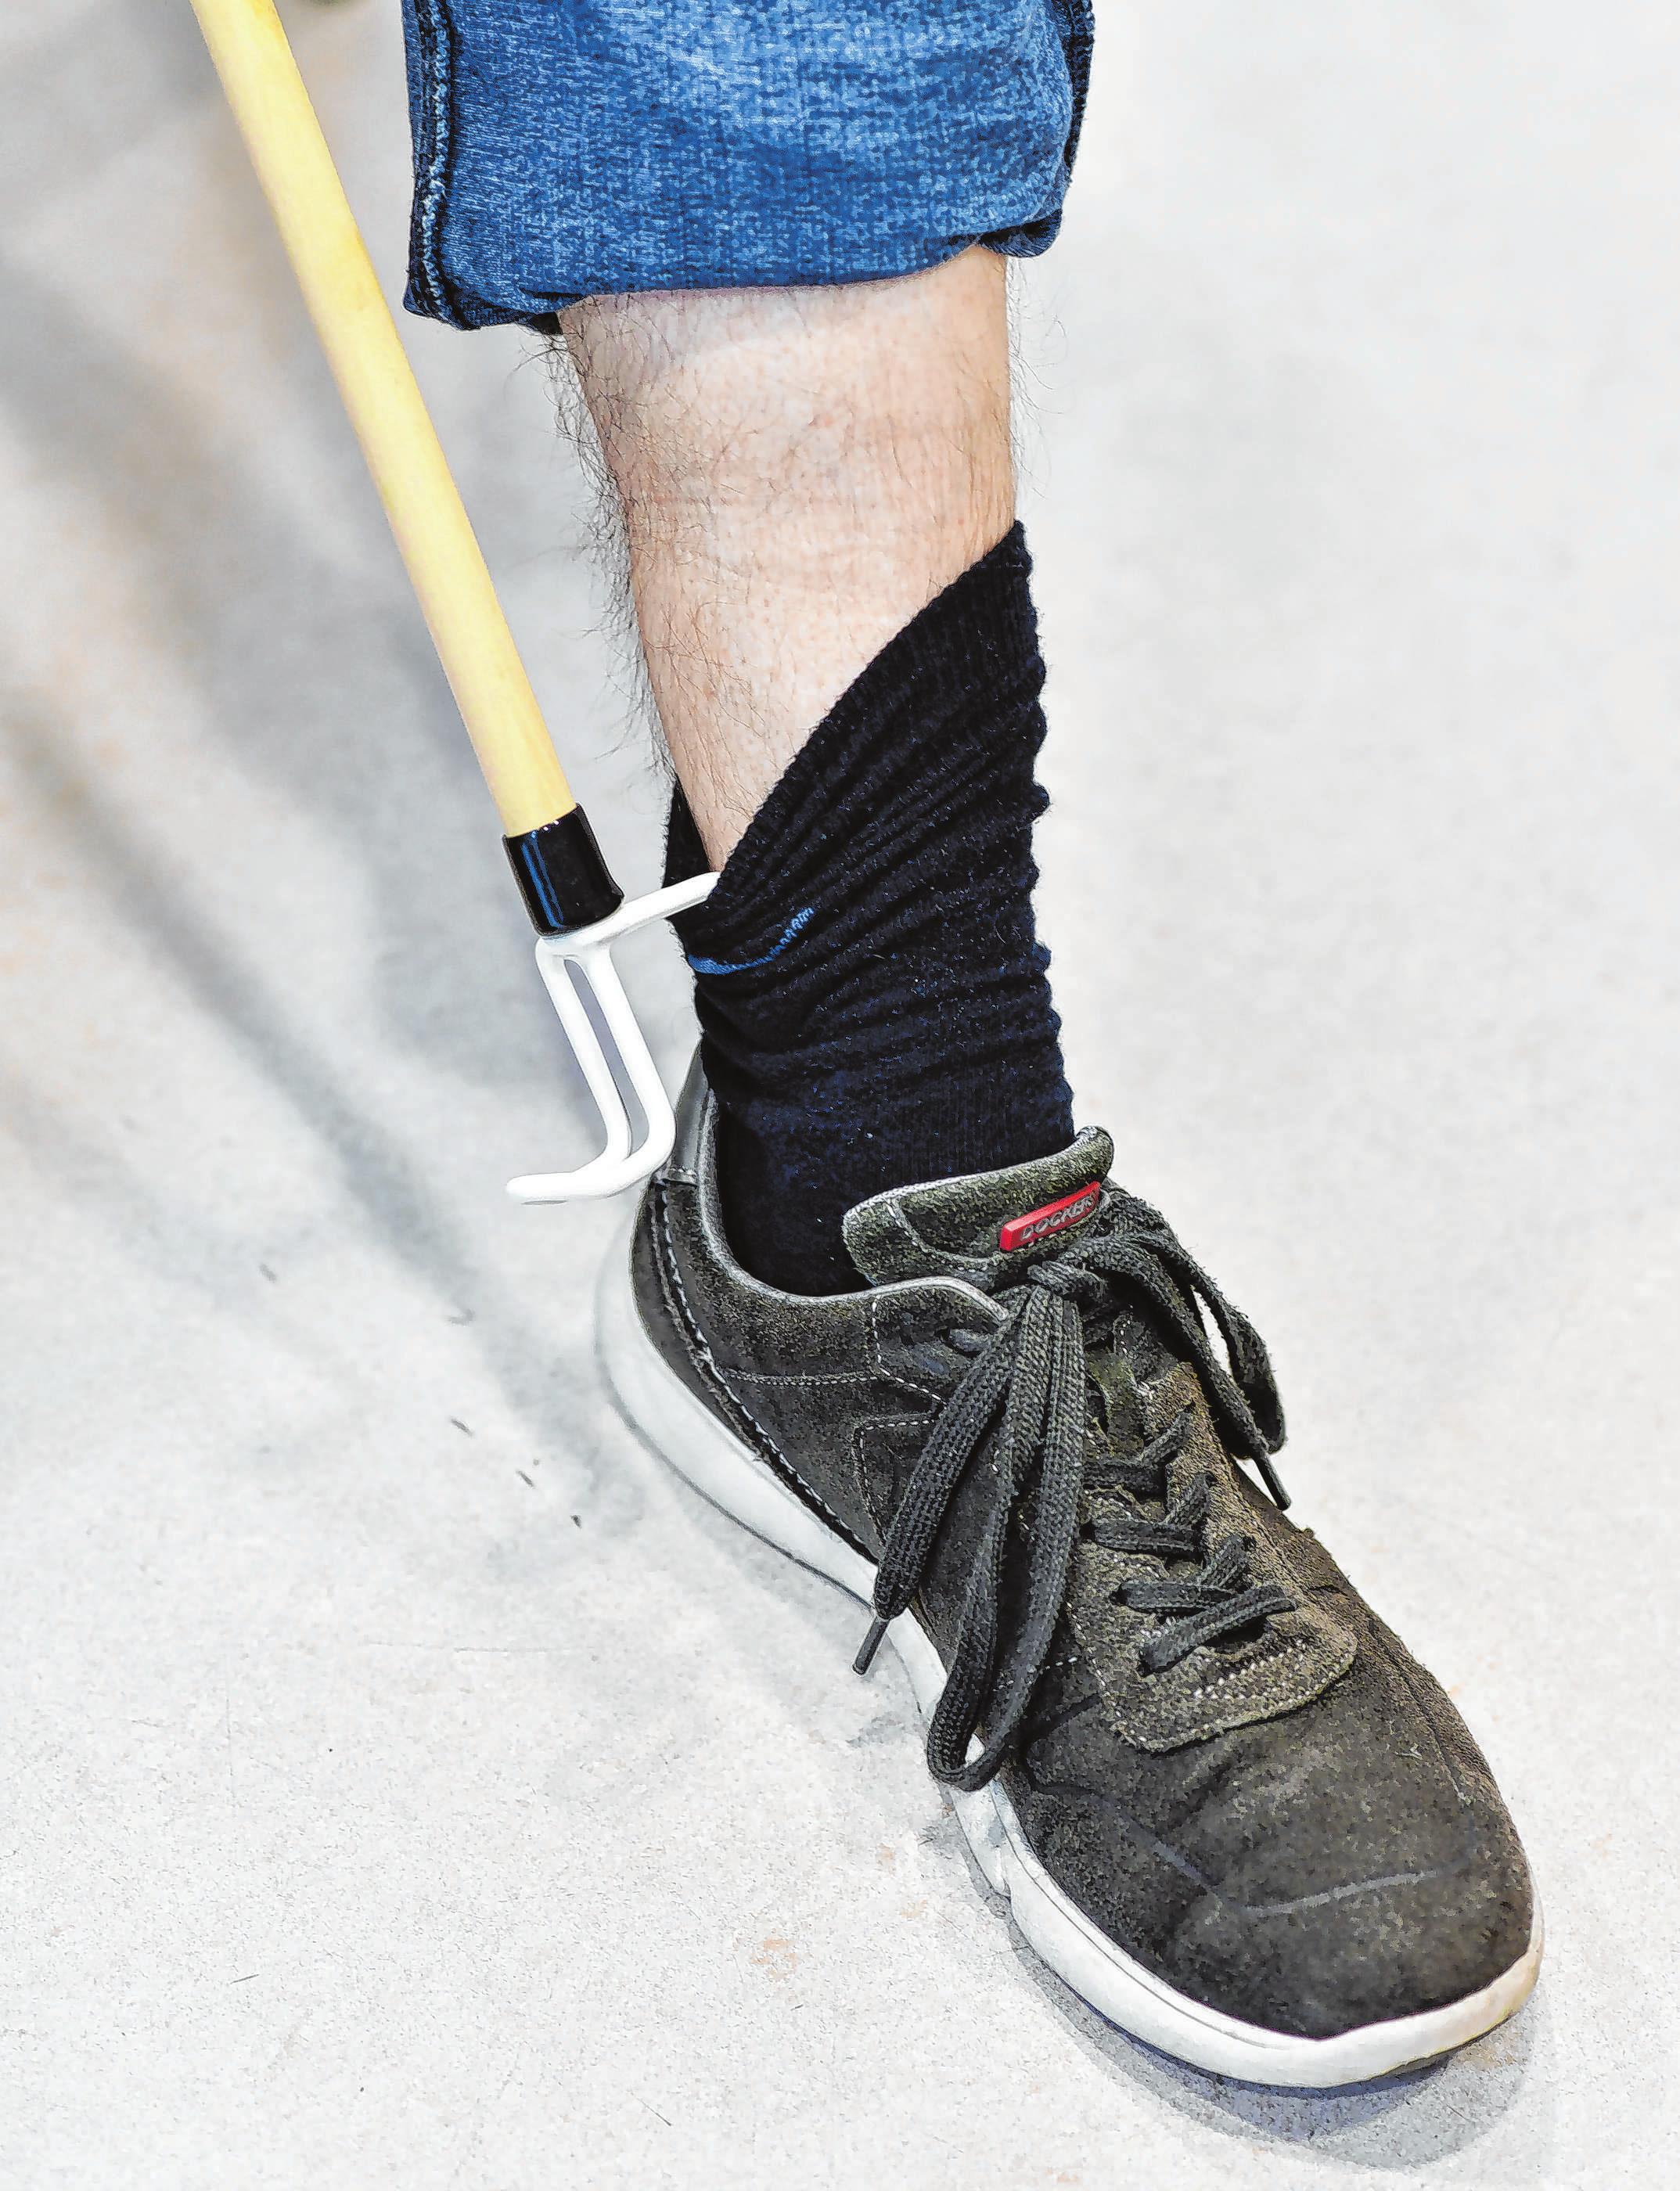 Hilft auch beim Zurechtziehen der Socken: ein Anziehstab mit Haken am Ende.